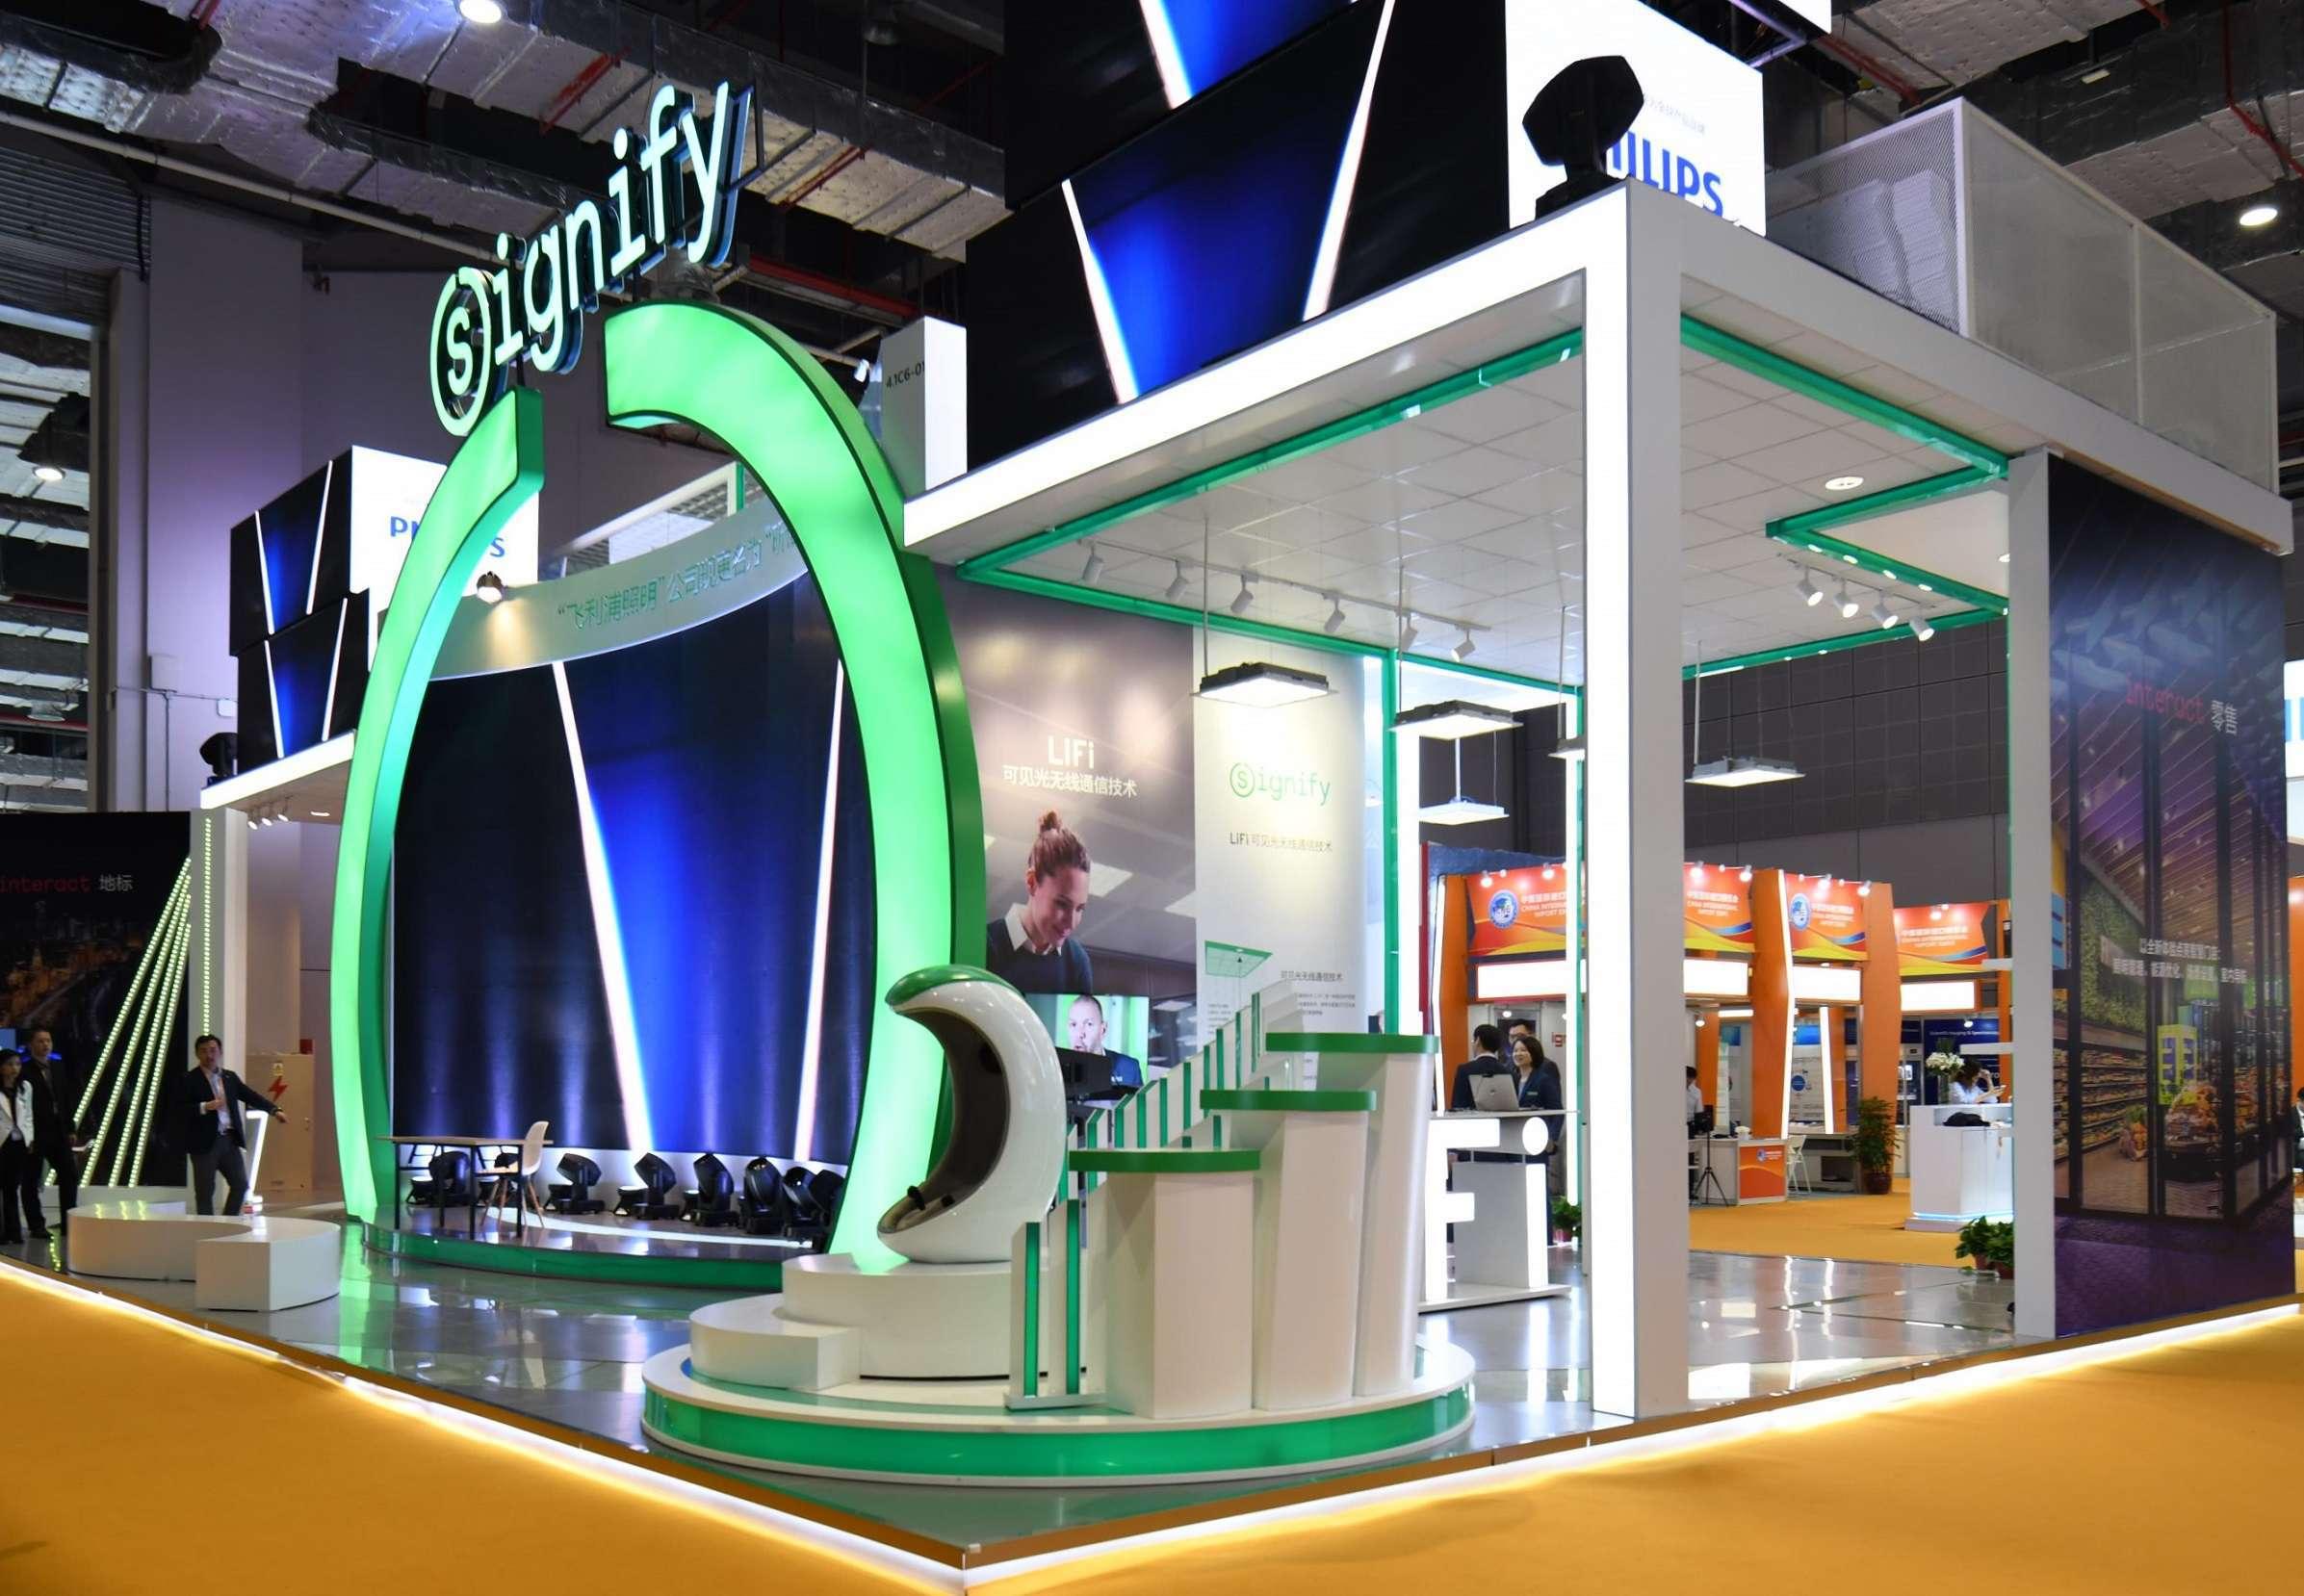 昕诺飞参加首届中国国际进口博览会 可见光无线通信技术(LiFi)亮相